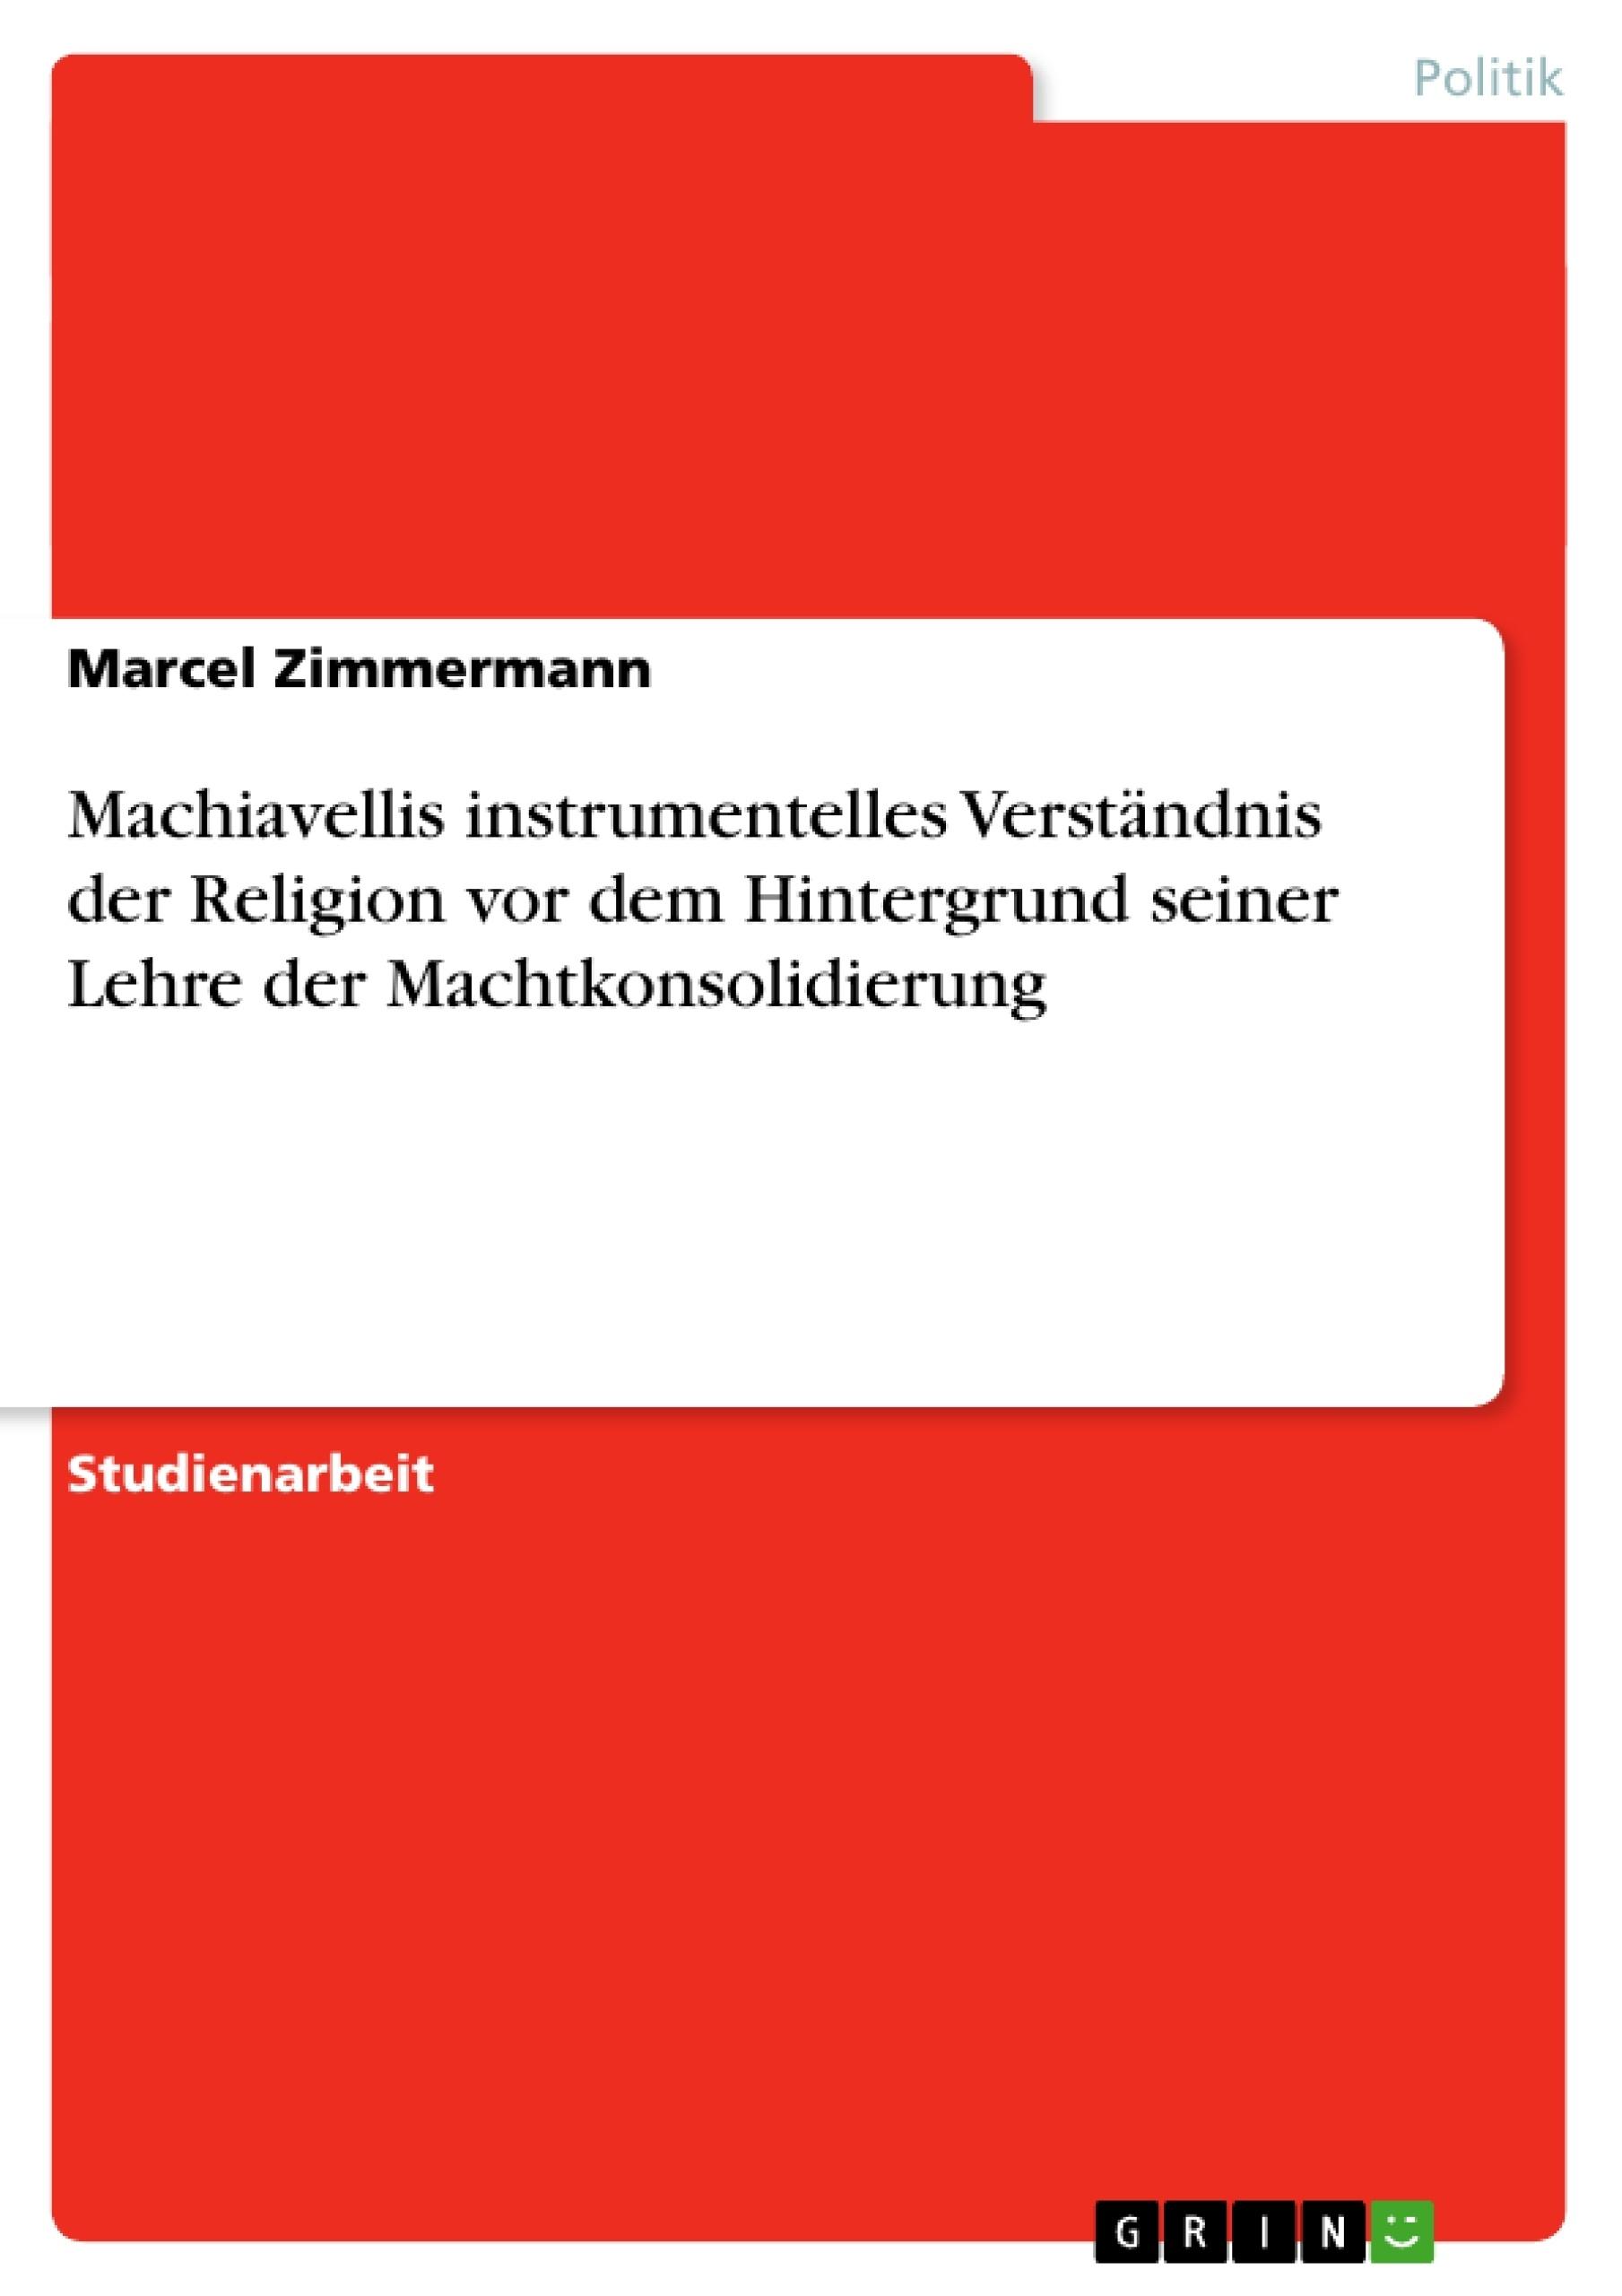 Titel: Machiavellis instrumentelles Verständnis der Religion vor dem  Hintergrund seiner Lehre der Machtkonsolidierung